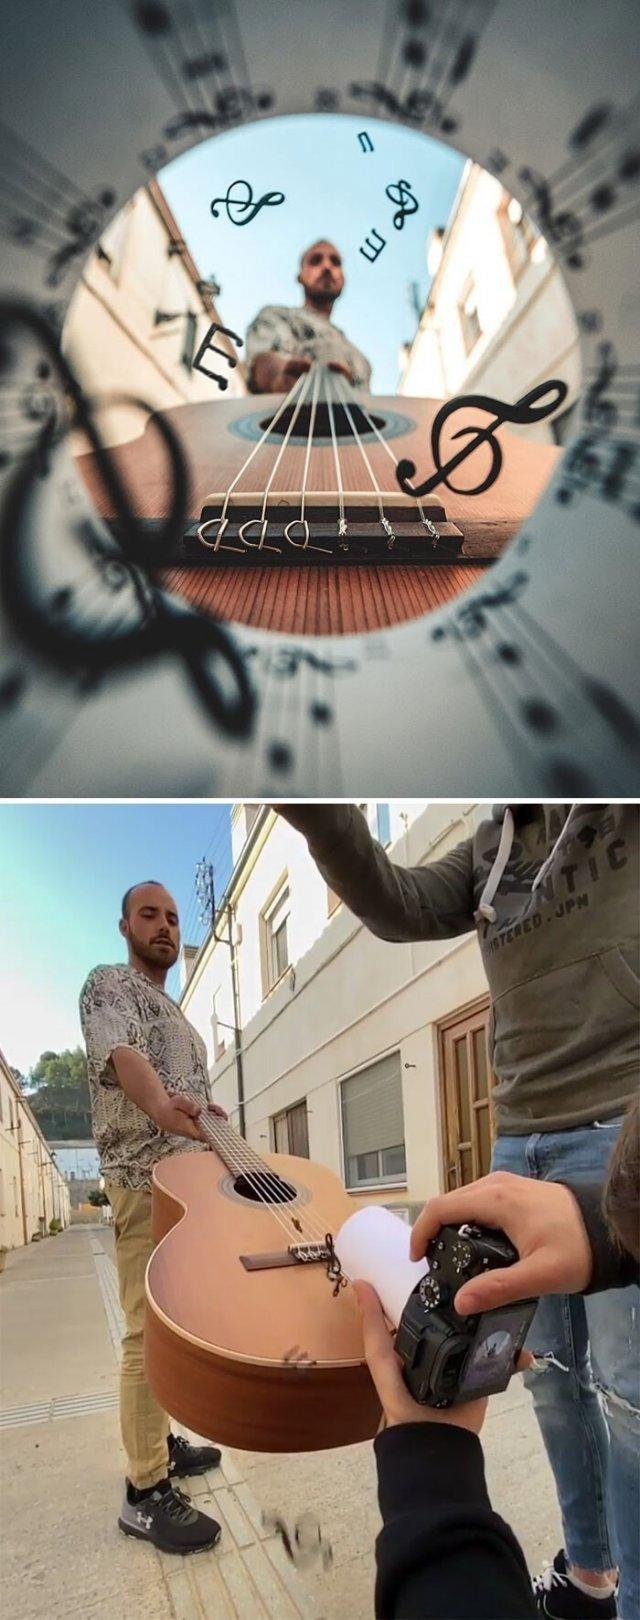 Хорди Пуч: талантливый художник, который показывает, как создаются шедевры